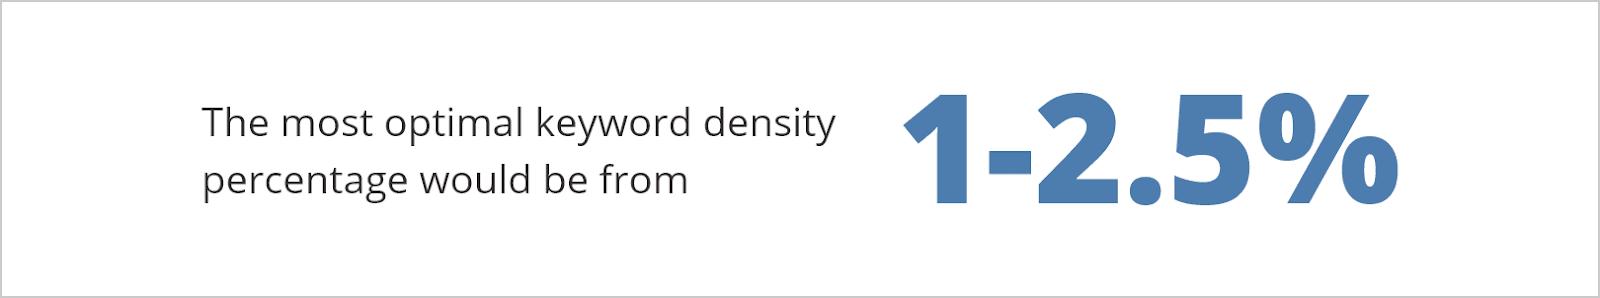 optimal-keyword-density